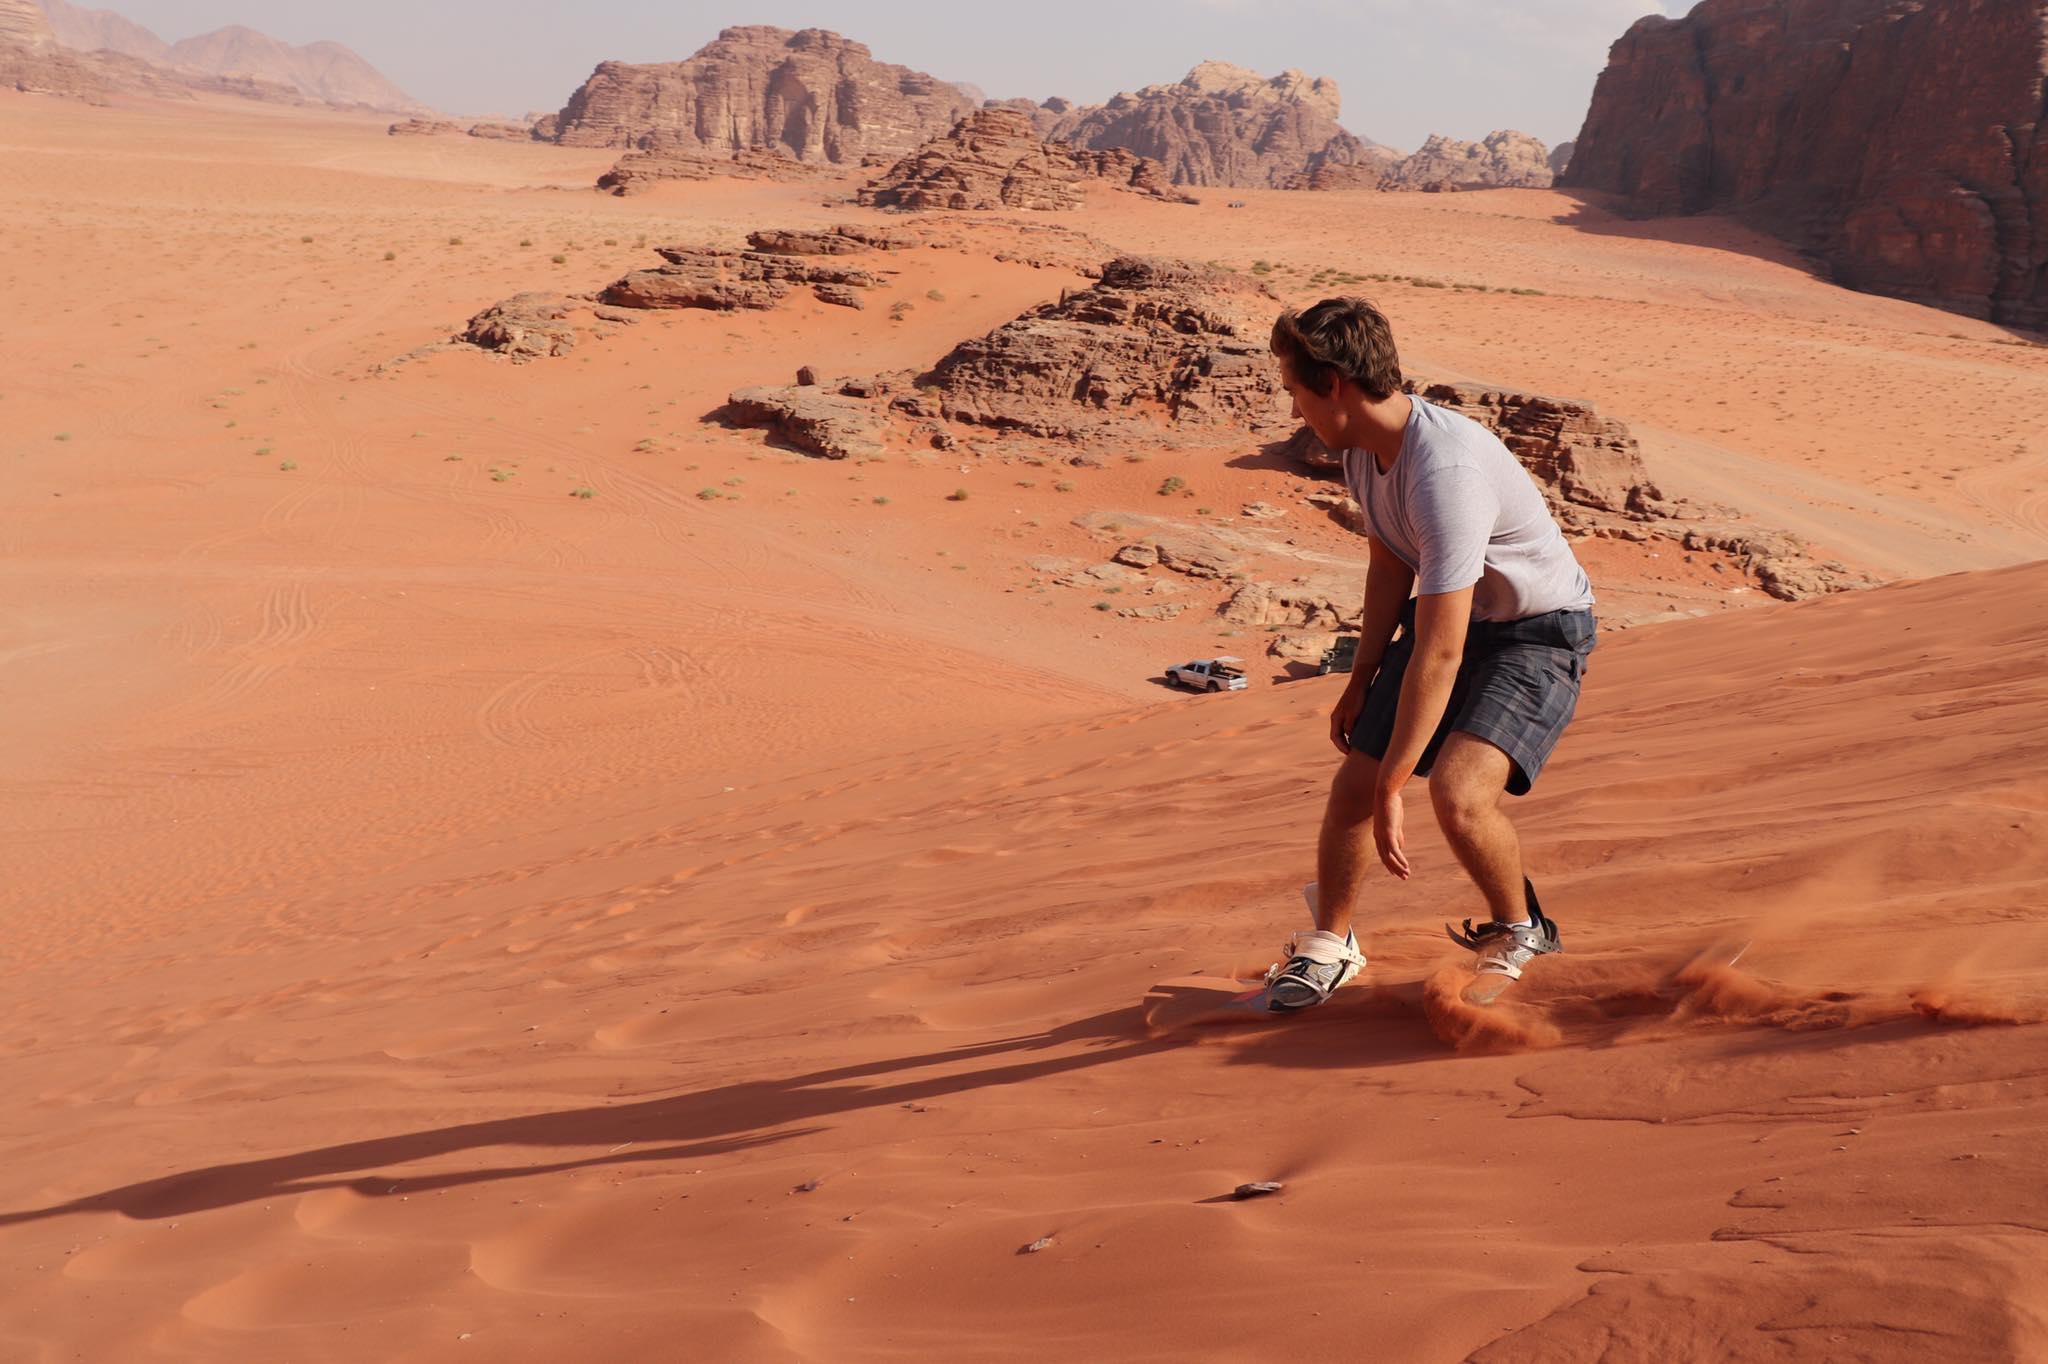 Wadi Rum – sand surfing